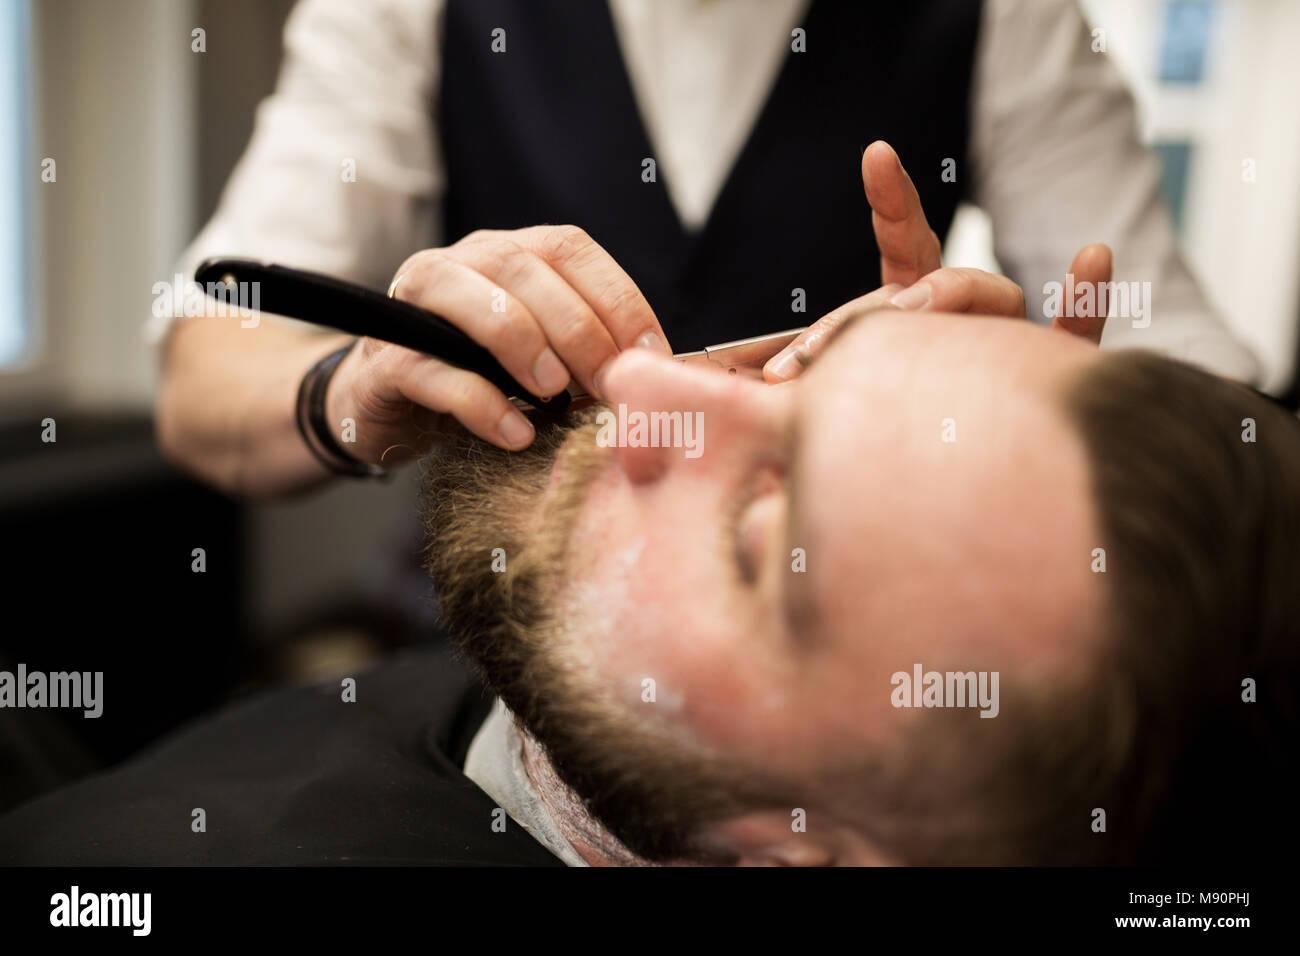 Retrato del hombre barbado siendo afeitado por el barbero Foto de stock